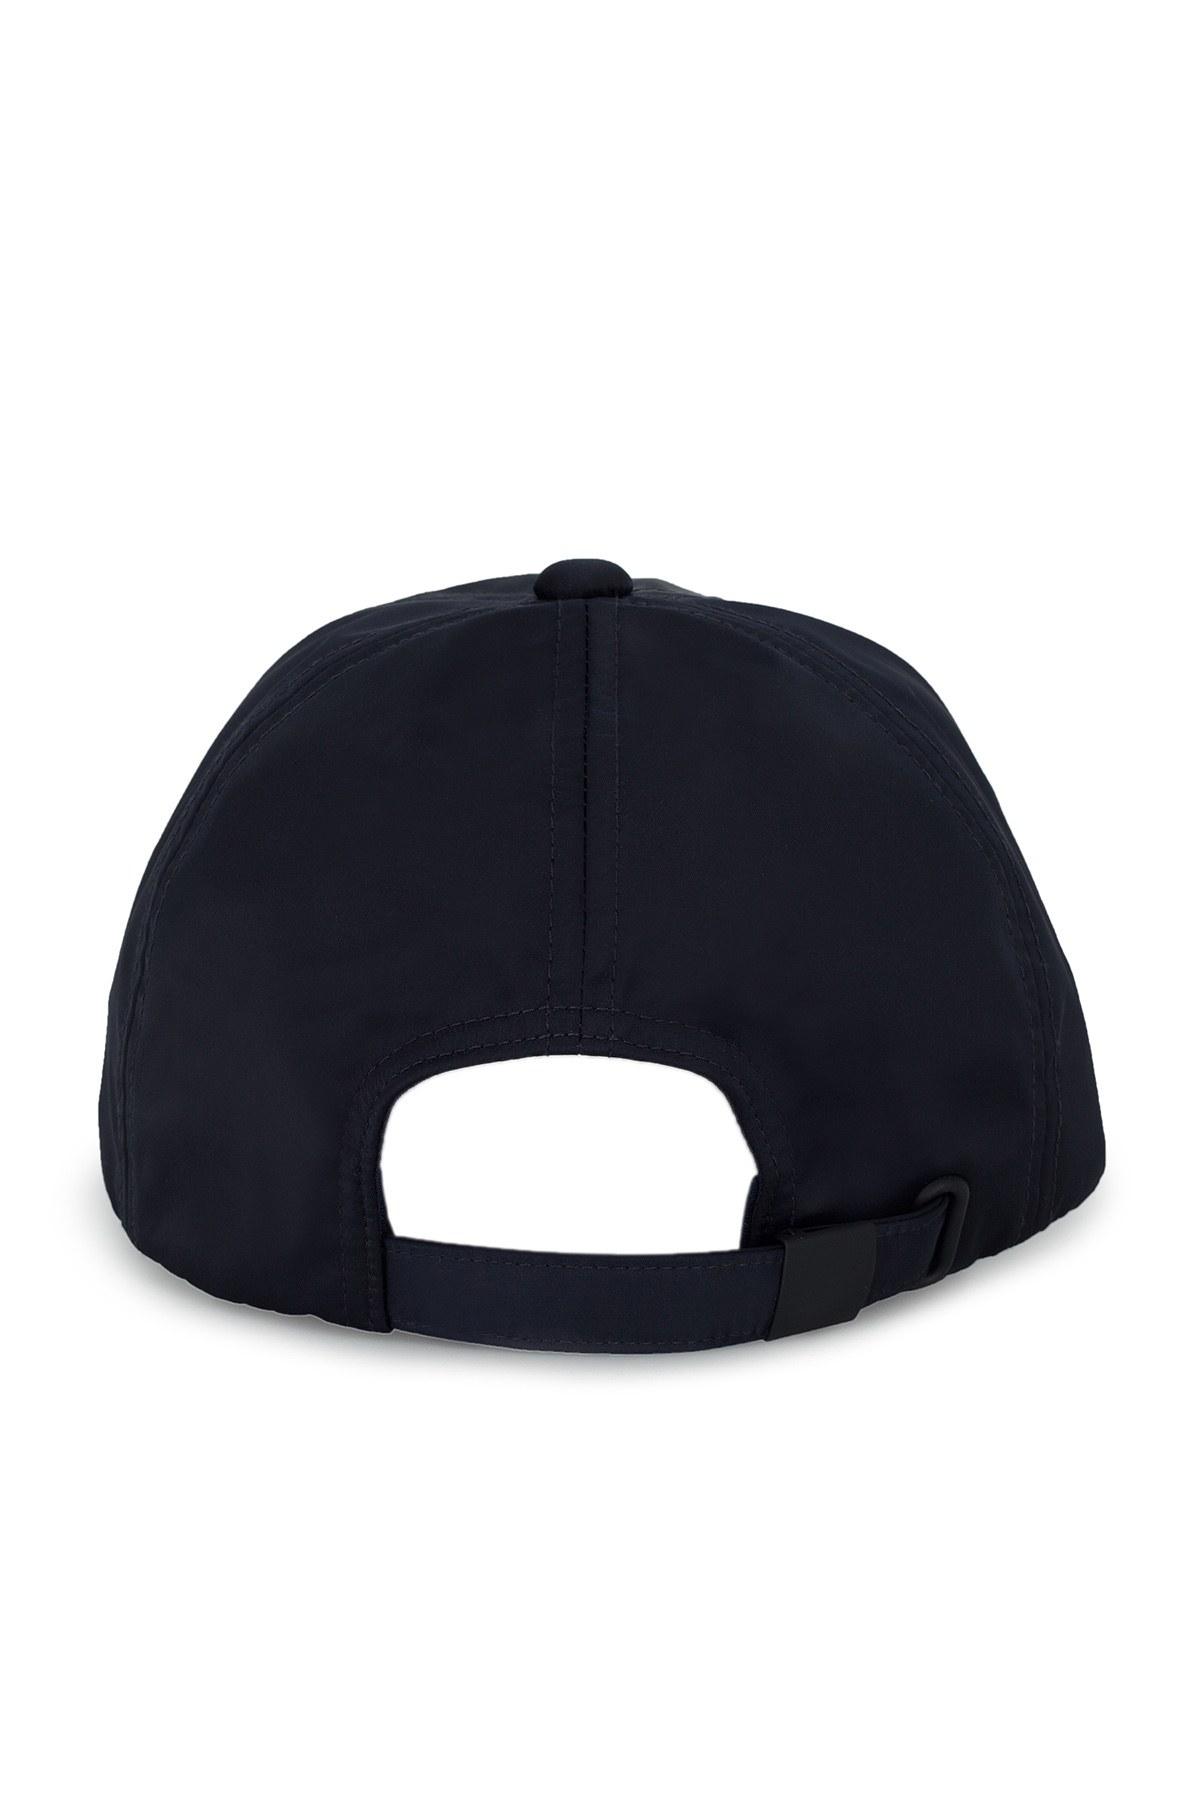 Emporio Armani Logo Baskılı Erkek Şapka S 627534 9A556 00035 LACİVERT